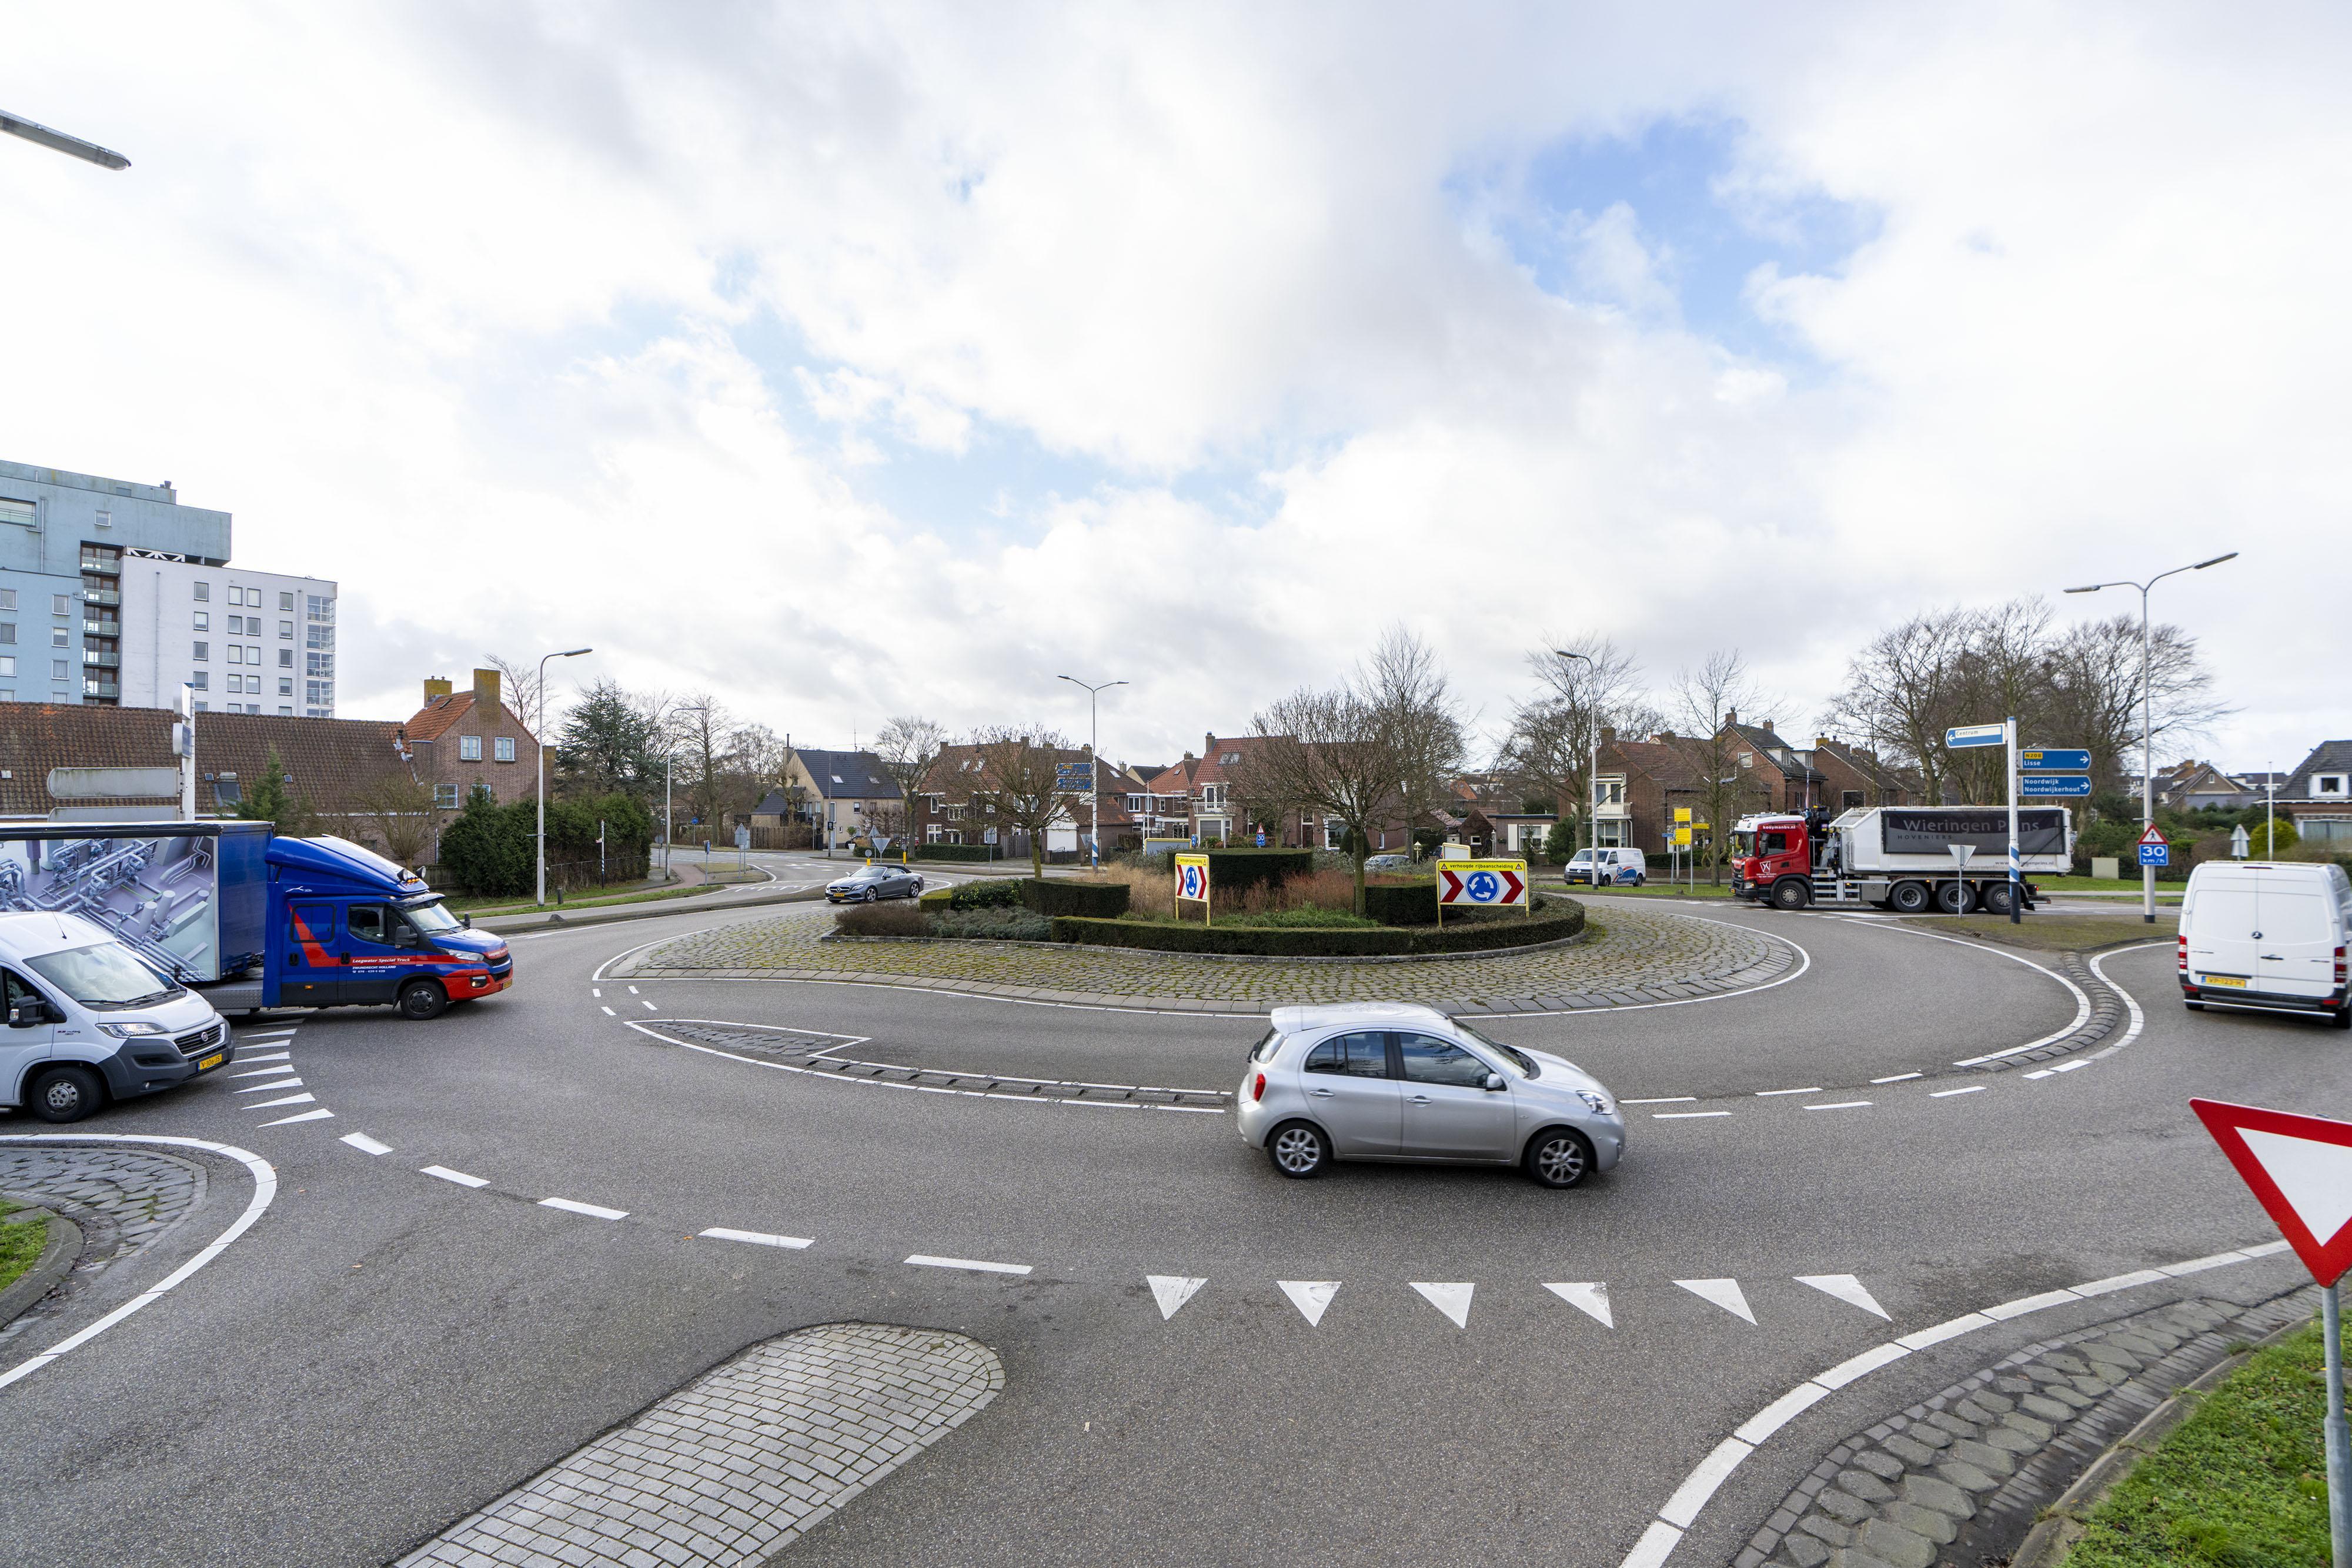 Projectleider Rogier Gerritzen ziet misverstanden rond rotondes Van Pallandtlaan in Sassenheim: 'Als we niets doen, loopt het helemaal vast'